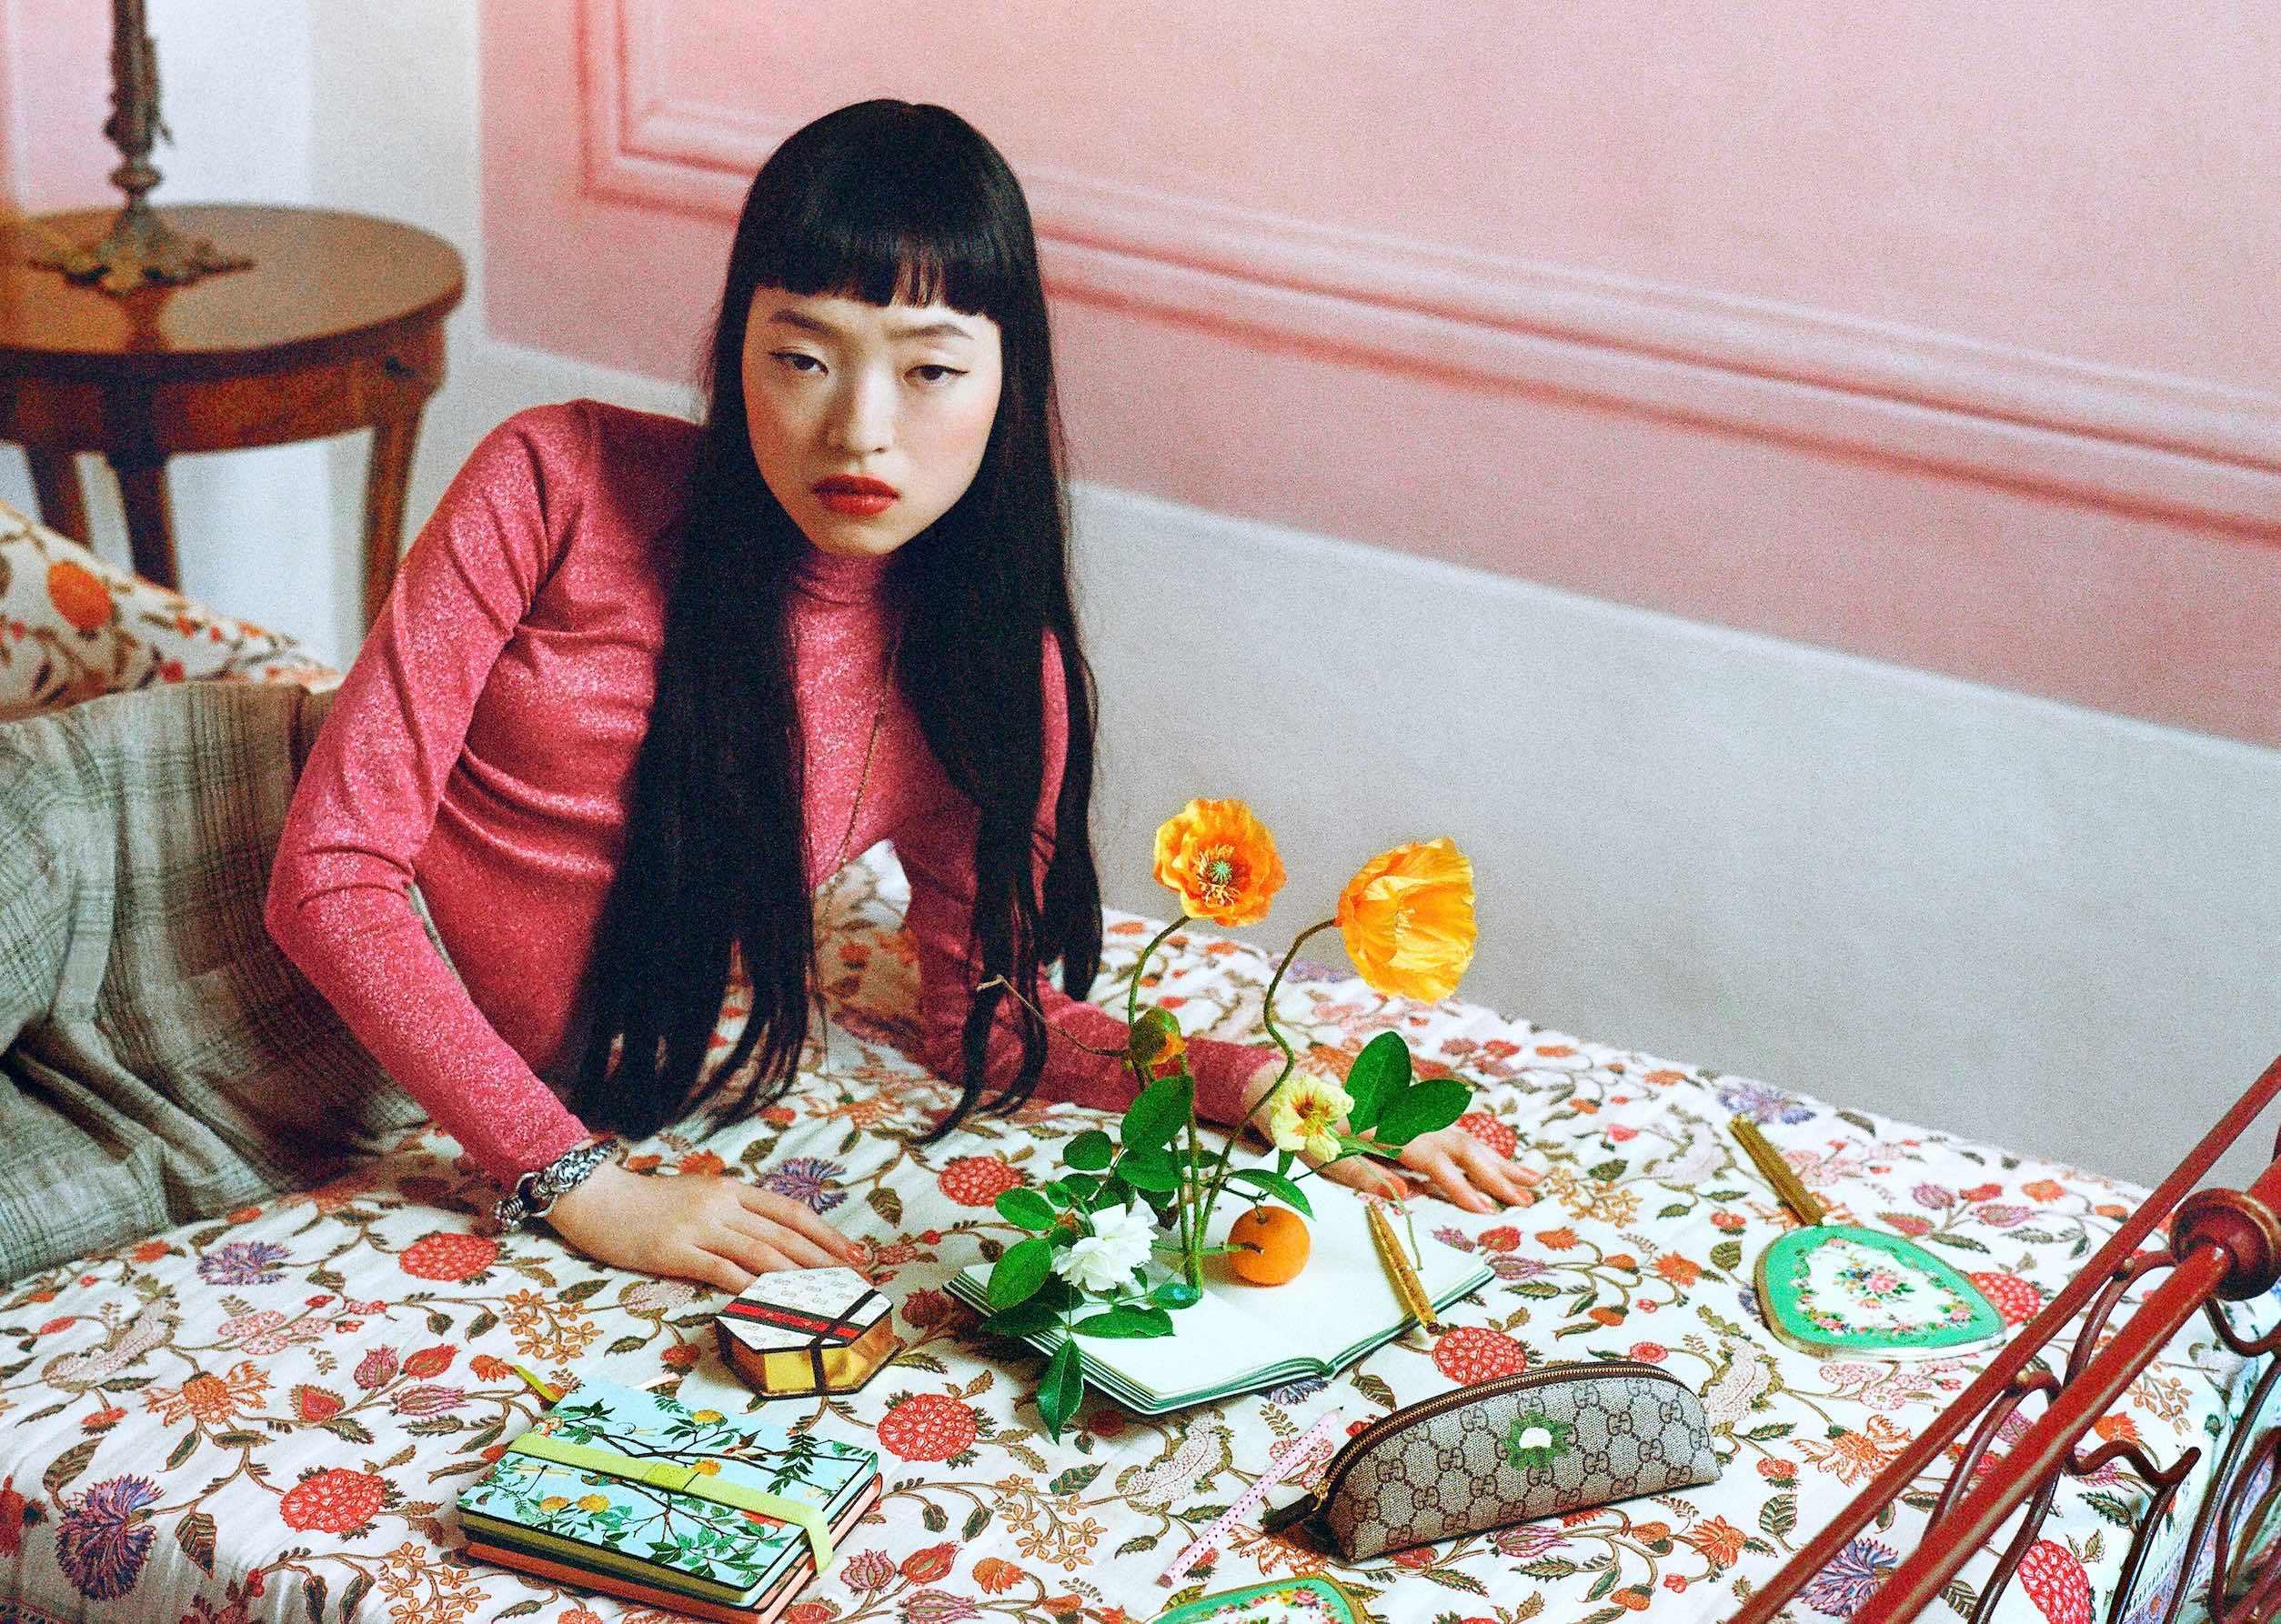 Nuevo objeto de deseo: la nueva colección lifestyle de Gucci